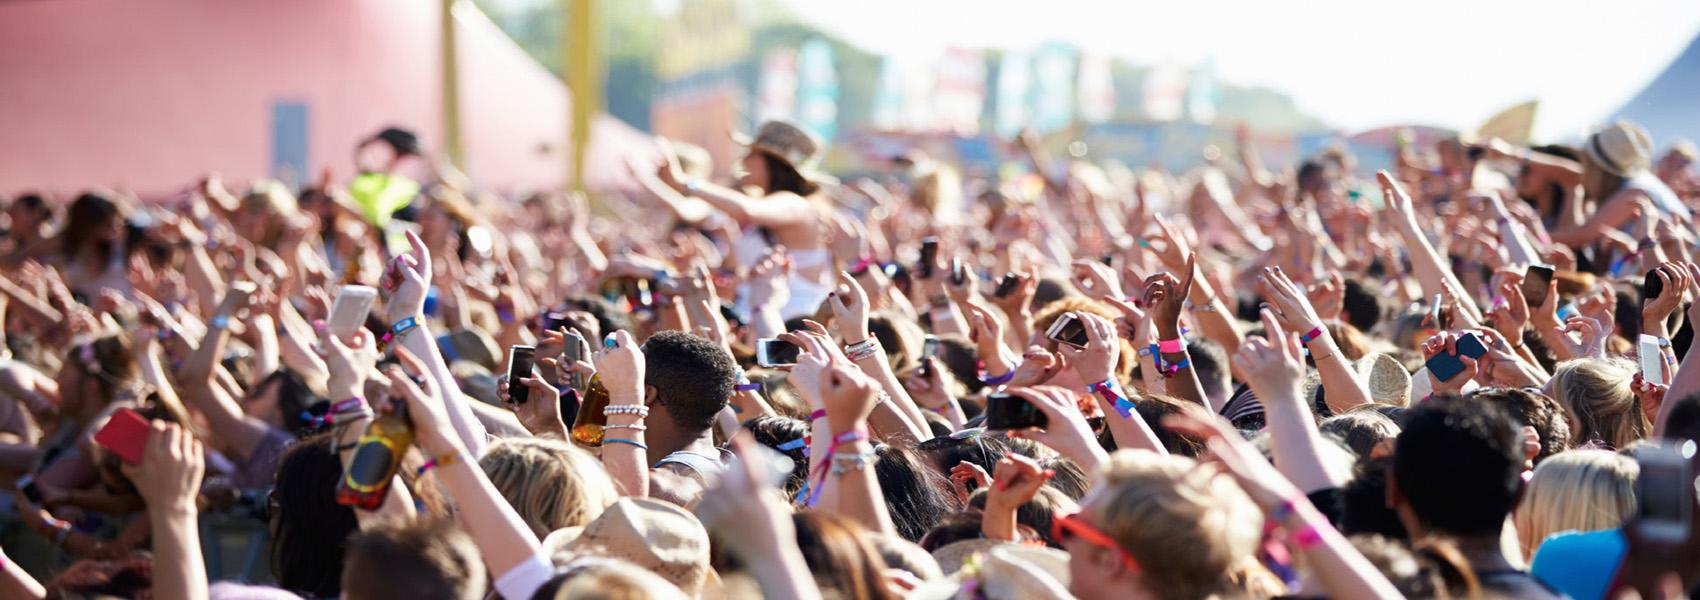 community-festivals2.jpg